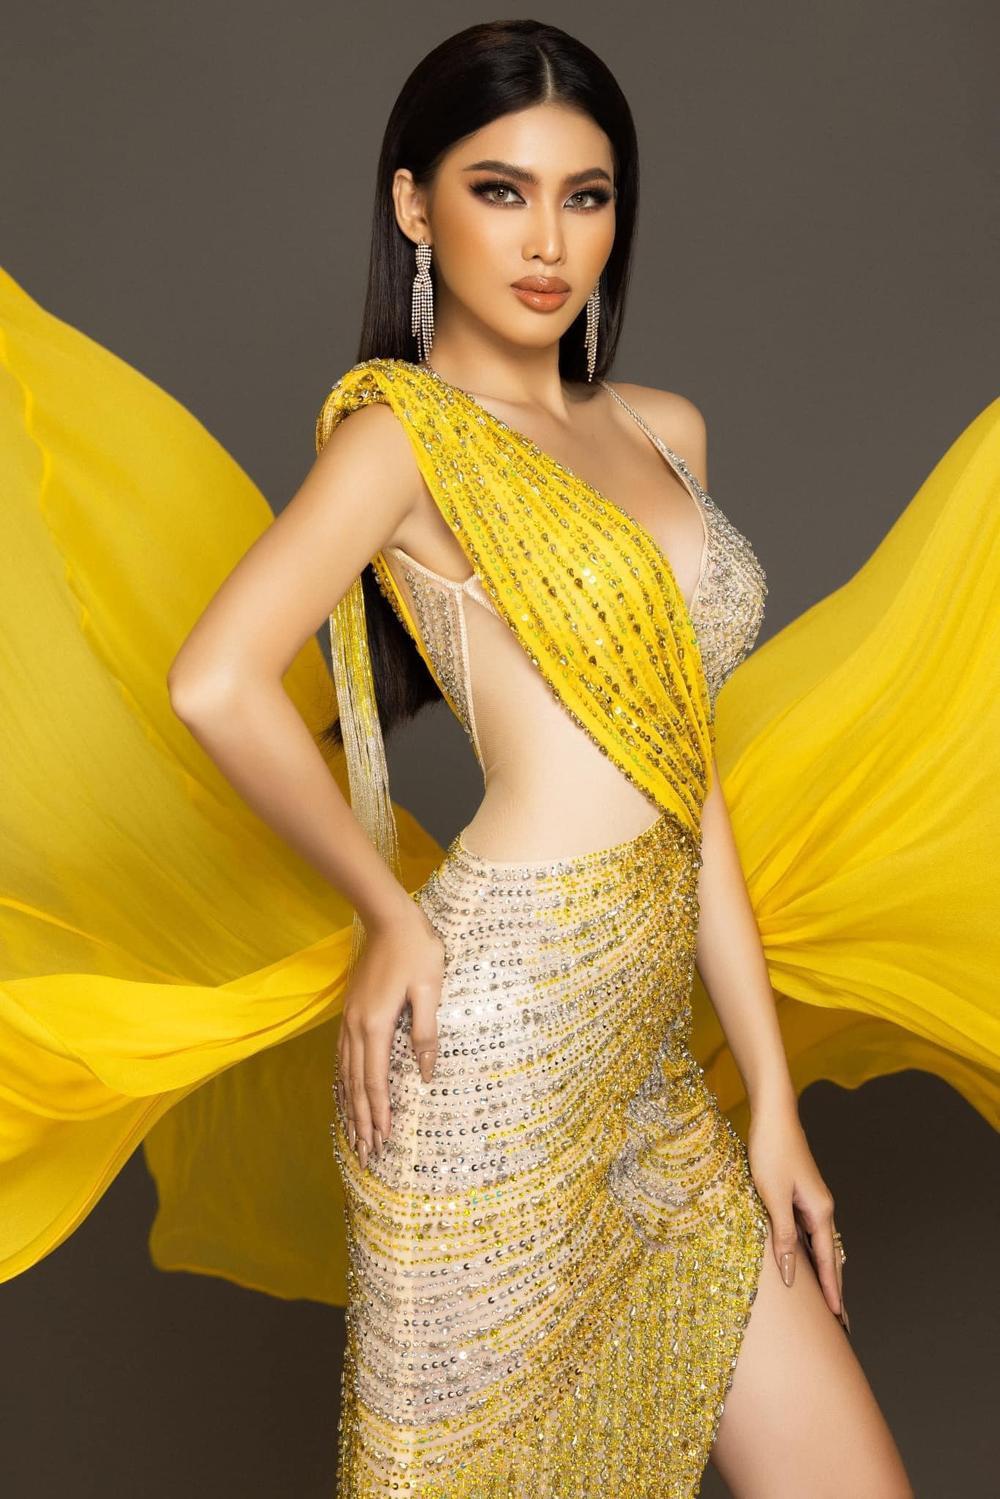 7 bộ váy dạ hội đẹp tinh xảo mà Ngọc Thảo không có cơ hội trình diễn tại Miss Grand International Ảnh 9